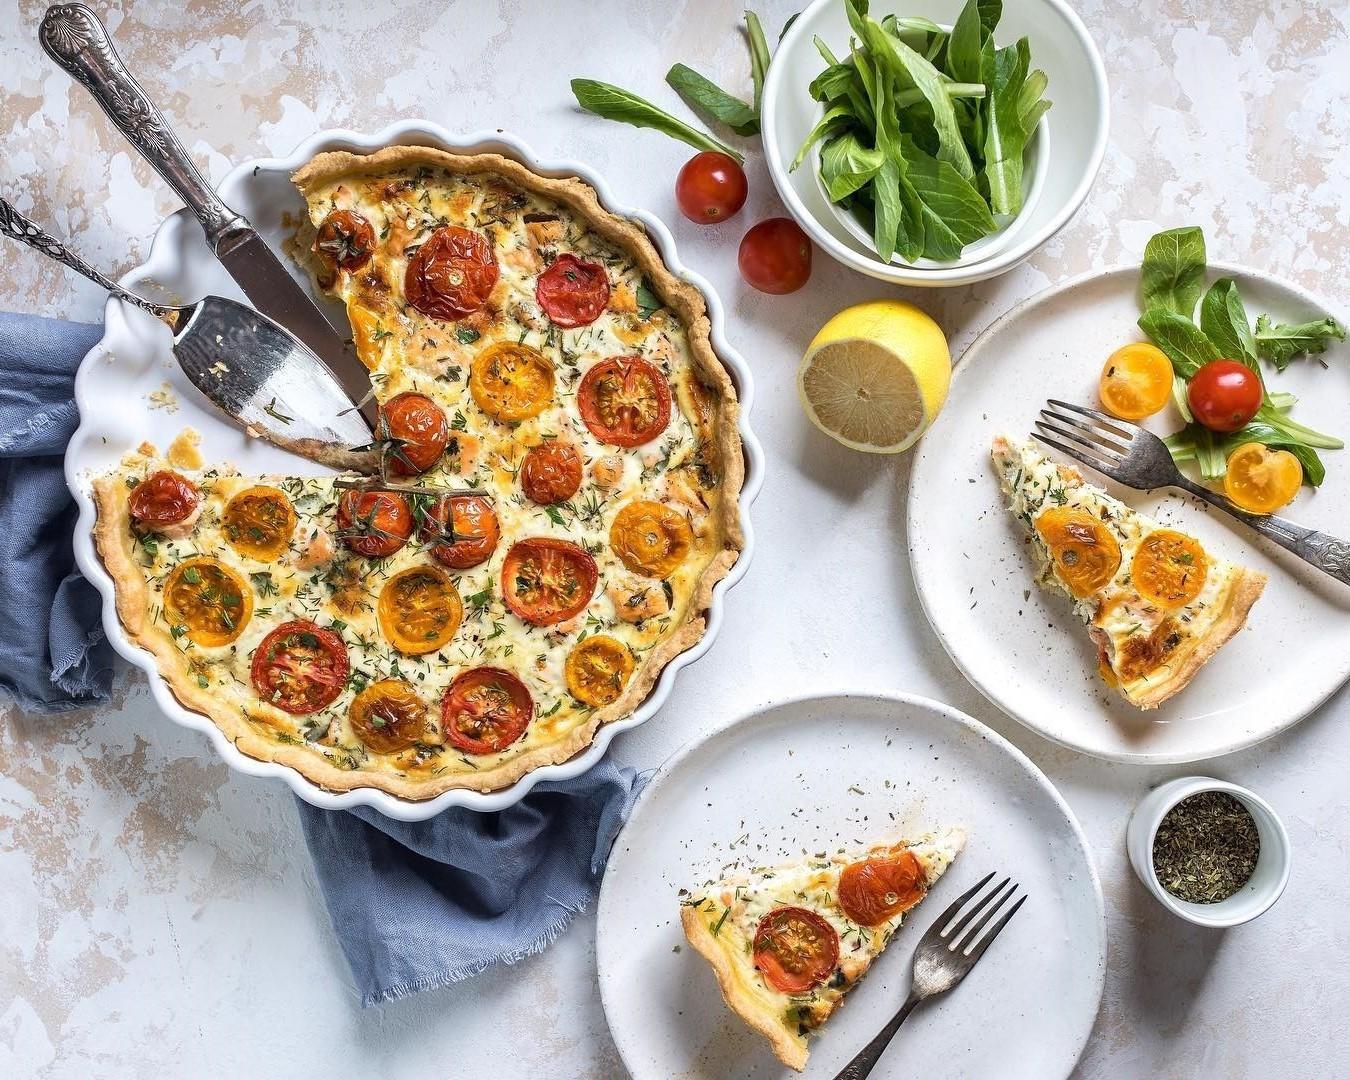 Заливной пирог с луком: рецепты вкусного обеда